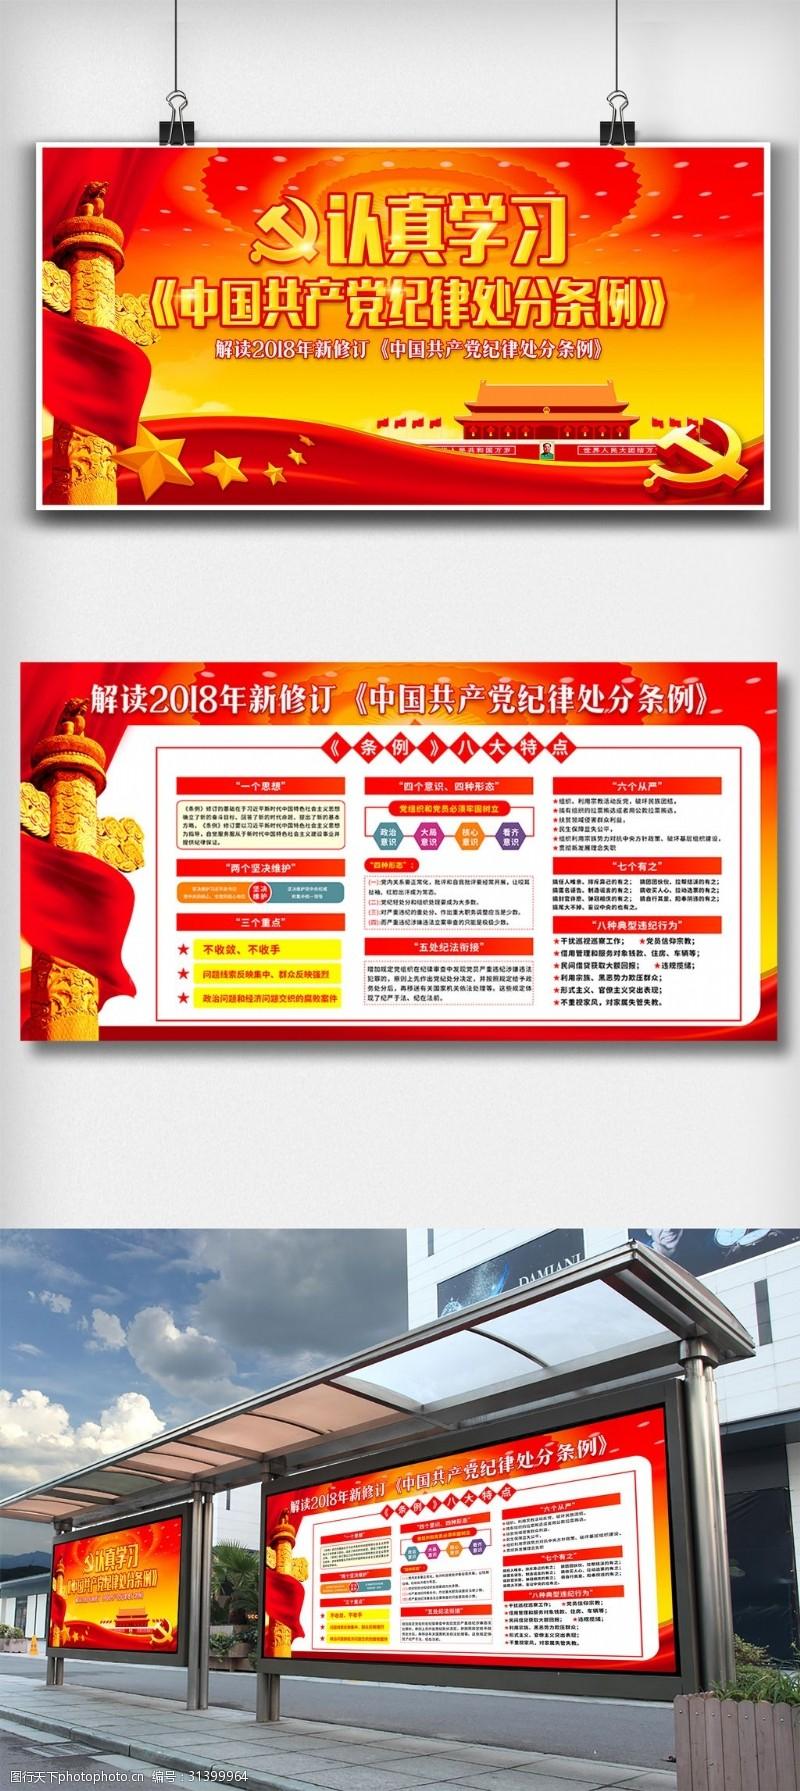 党建双面展板红色背景共产党纪律处分条例亮点解读